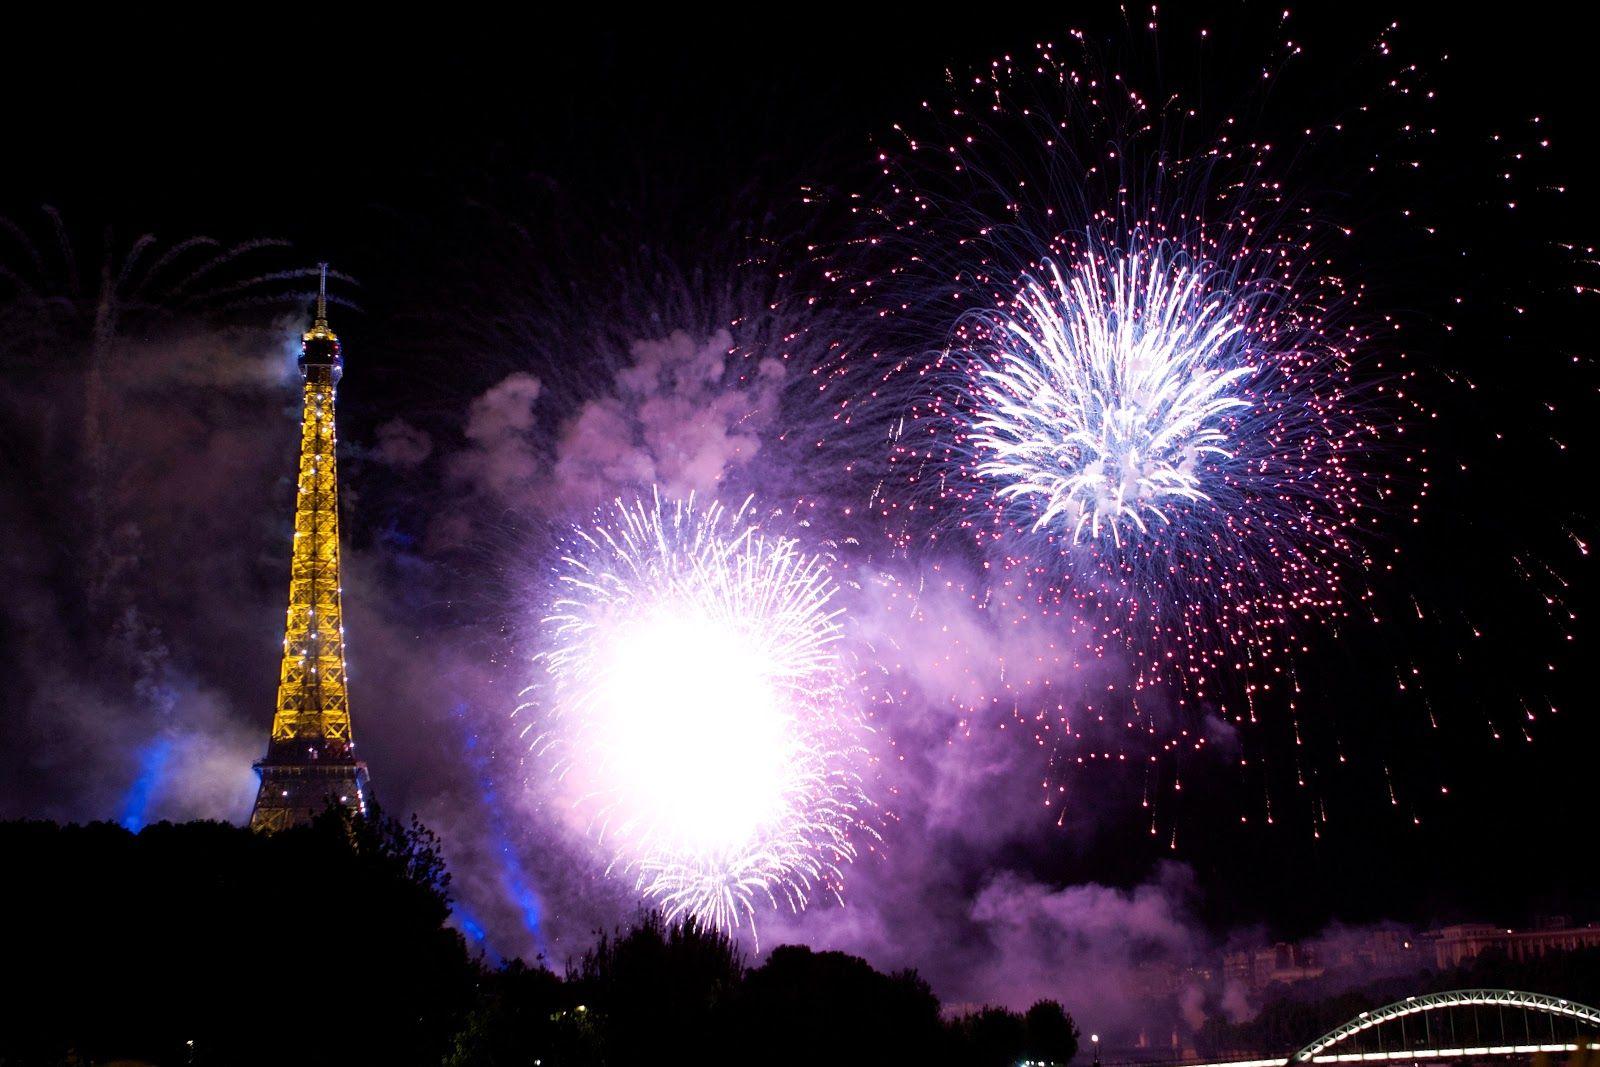 Paris: 14 Juillet 2014